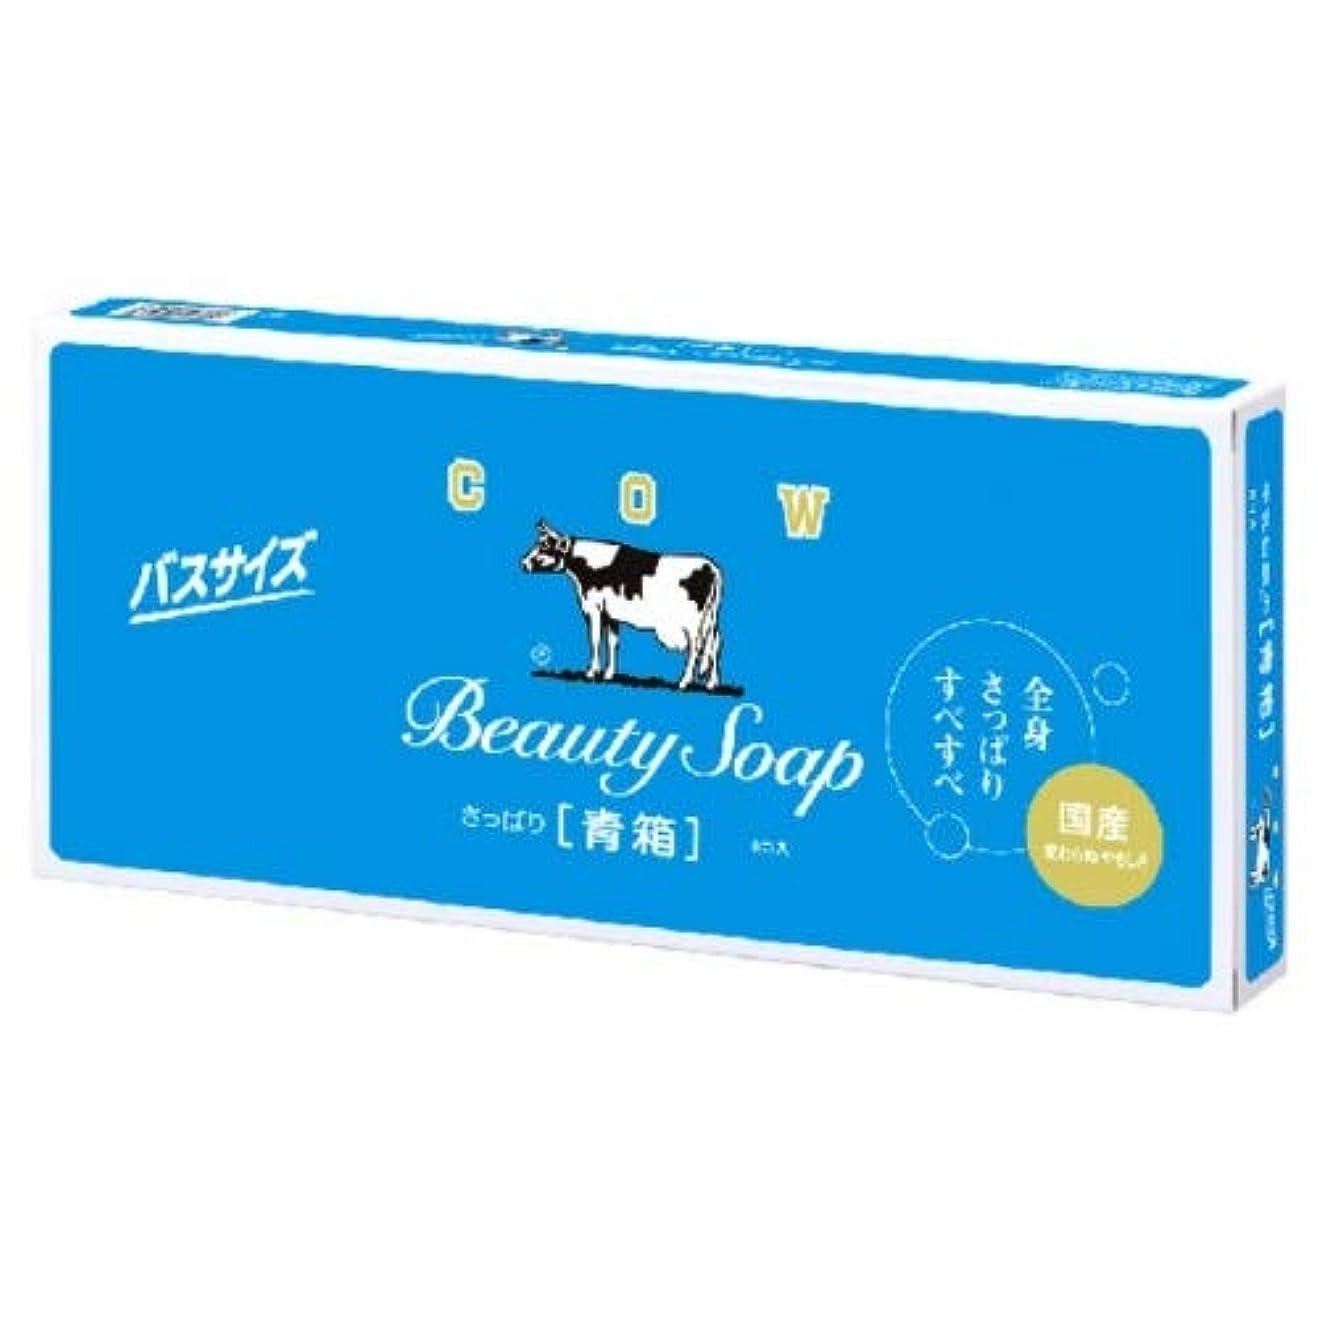 文庫本一回頑固な牛乳石鹸 カウブランド 青箱 バスサイズ 6コ入